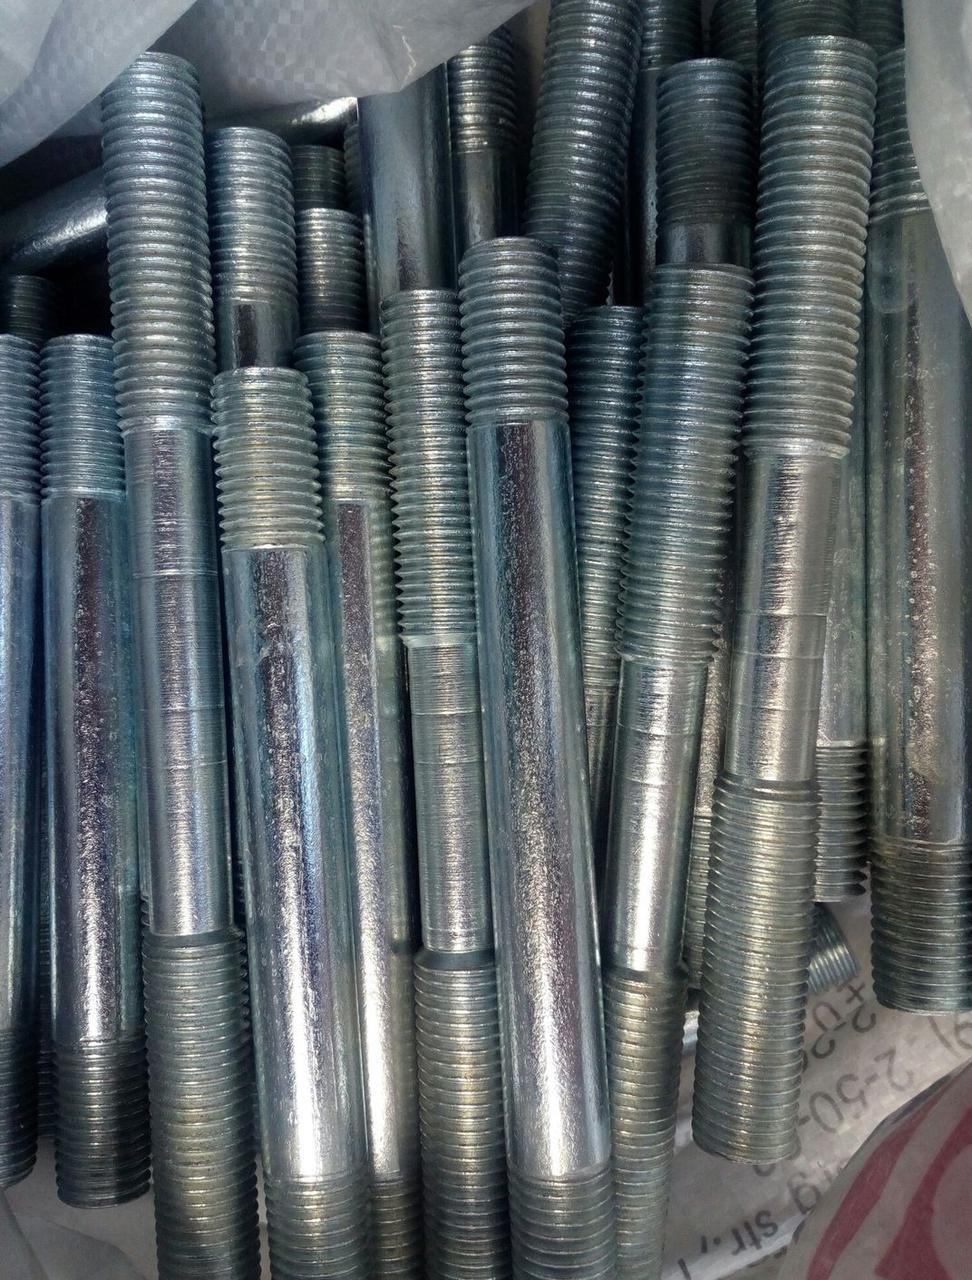 Шпилька М10 ГОСТ 22040-76, ГОСТ 22041-76, DIN 940 с ввинчиваемым концом длиной 2,5d